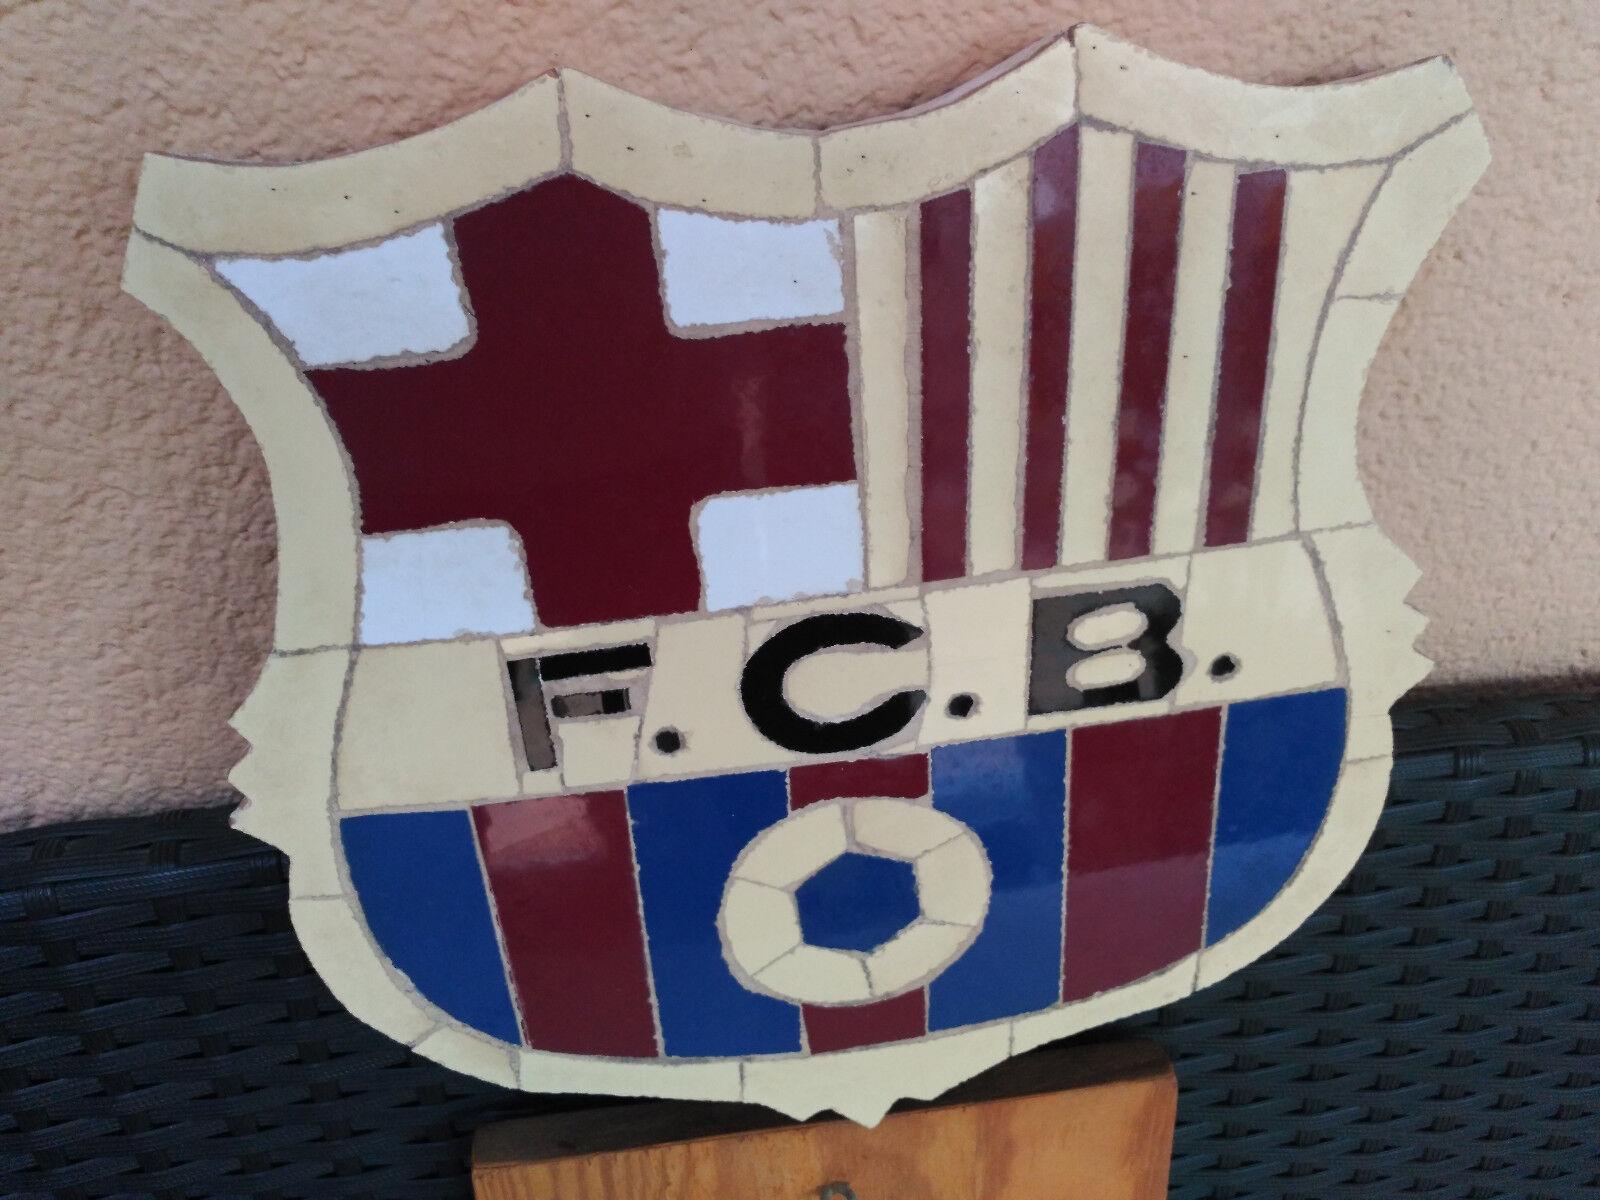 Magnífico escudo del F.C.Barcelona artesania rústica vintage'97. Coleccionistas